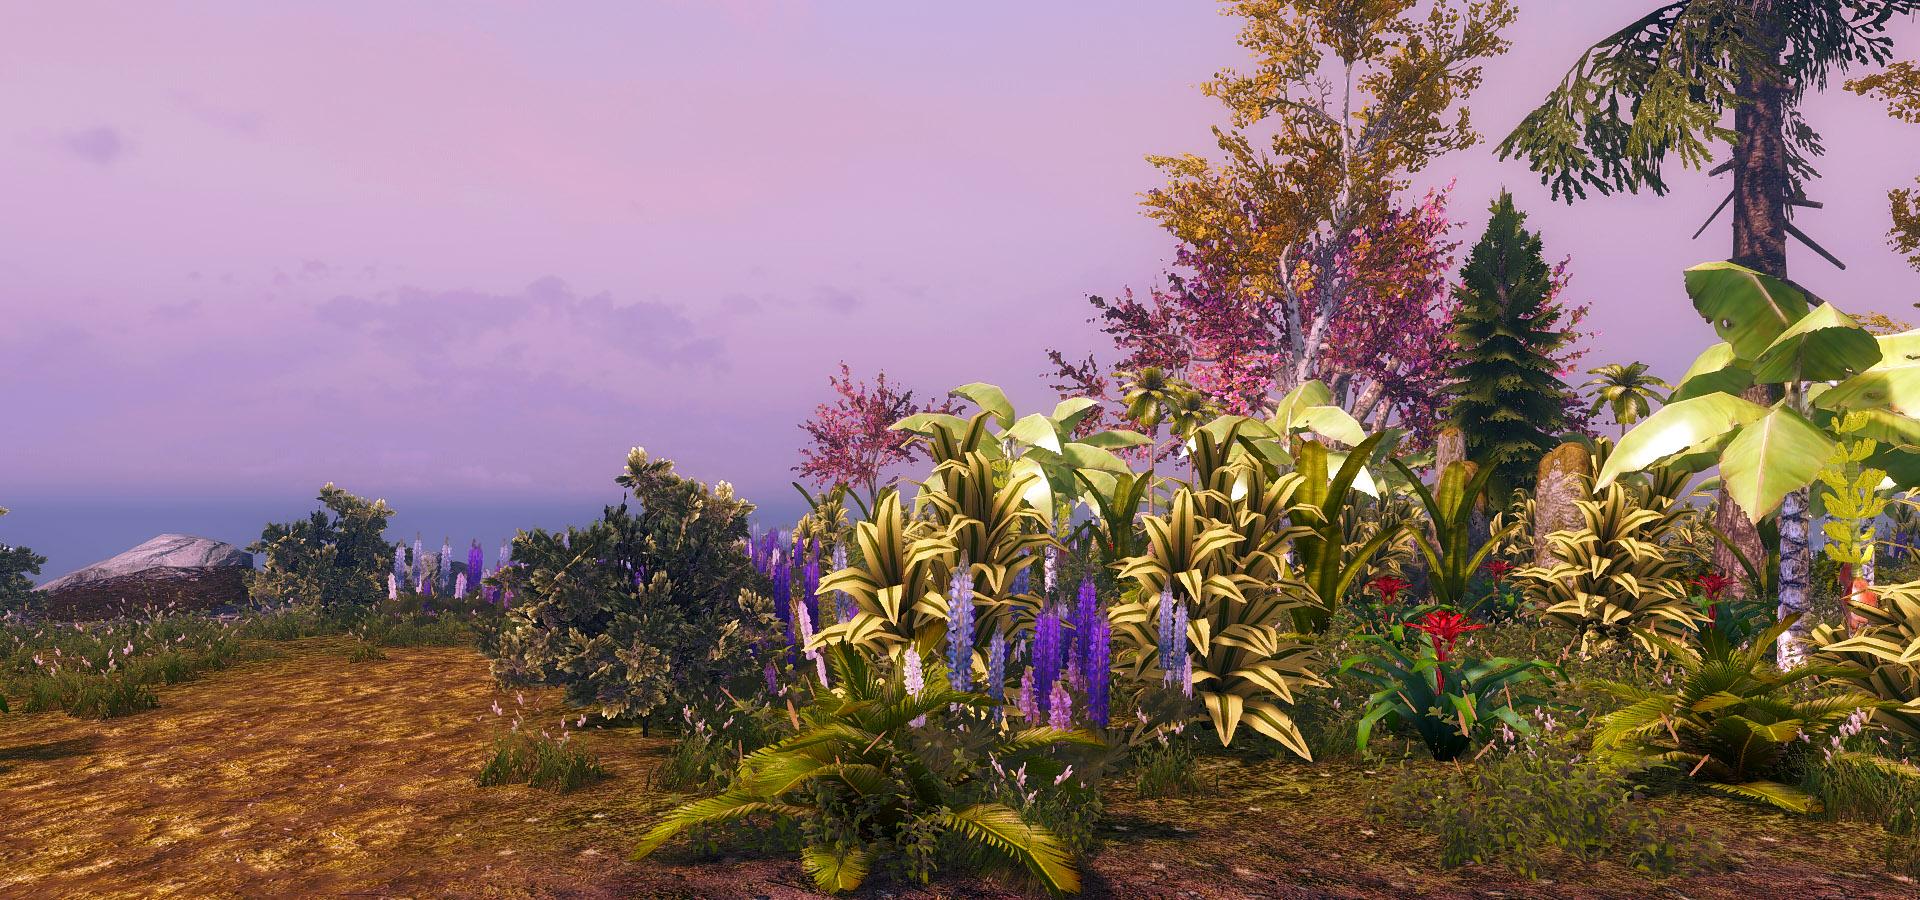 570. Банановый остров.jpg - Elder Scrolls 5: Skyrim, the CBBE, Сборка-21